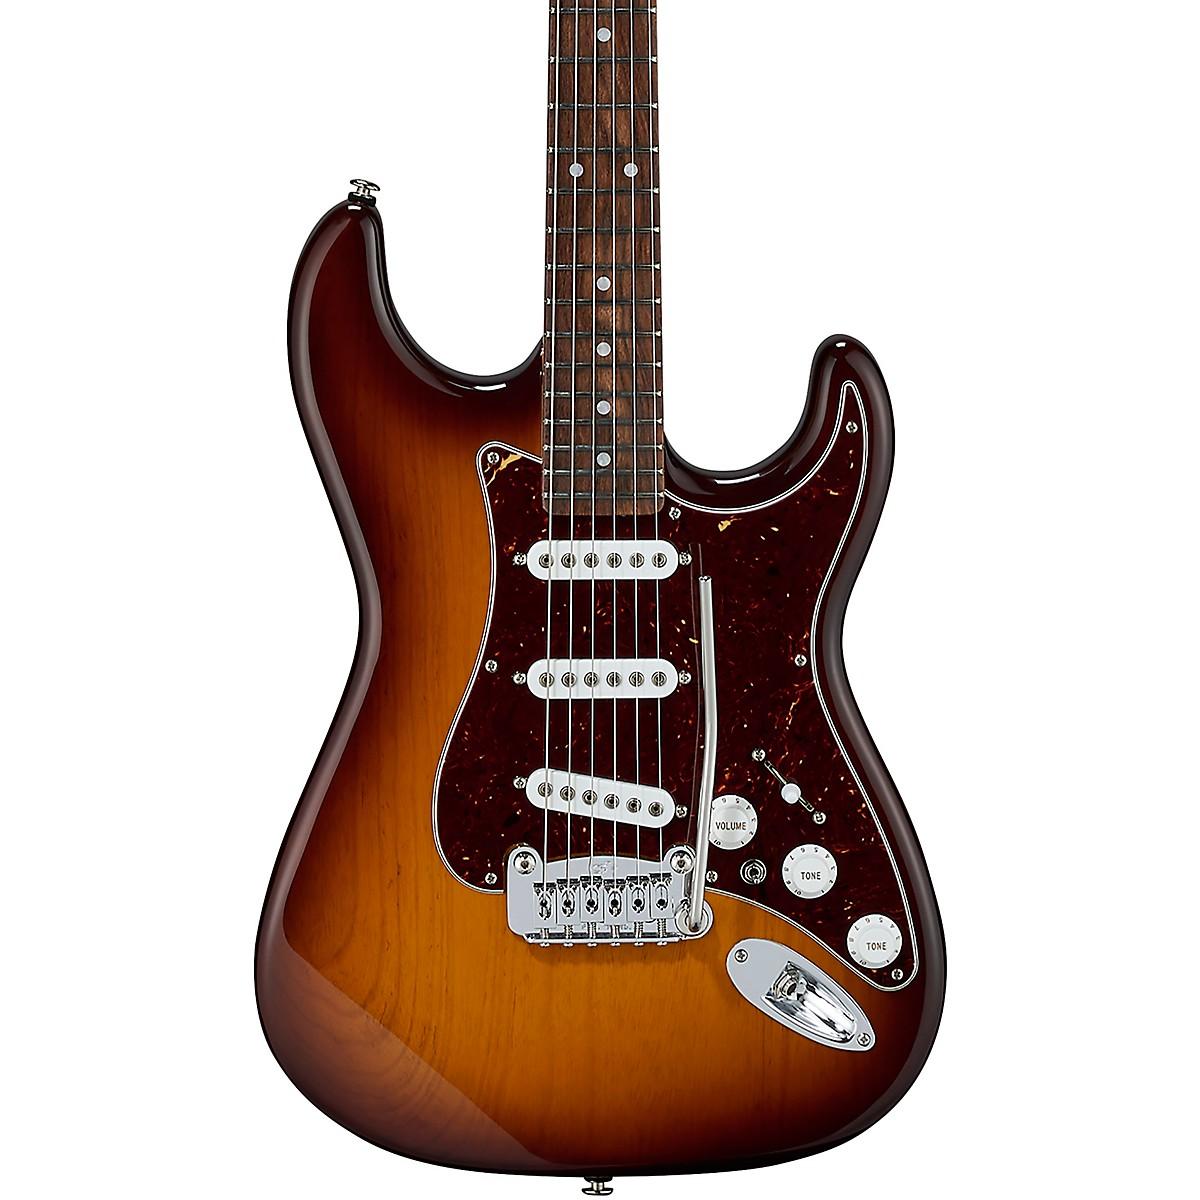 G&L Fullerton Deluxe S-500 Caribbean Rosewood Fingerboard Electric Guitar